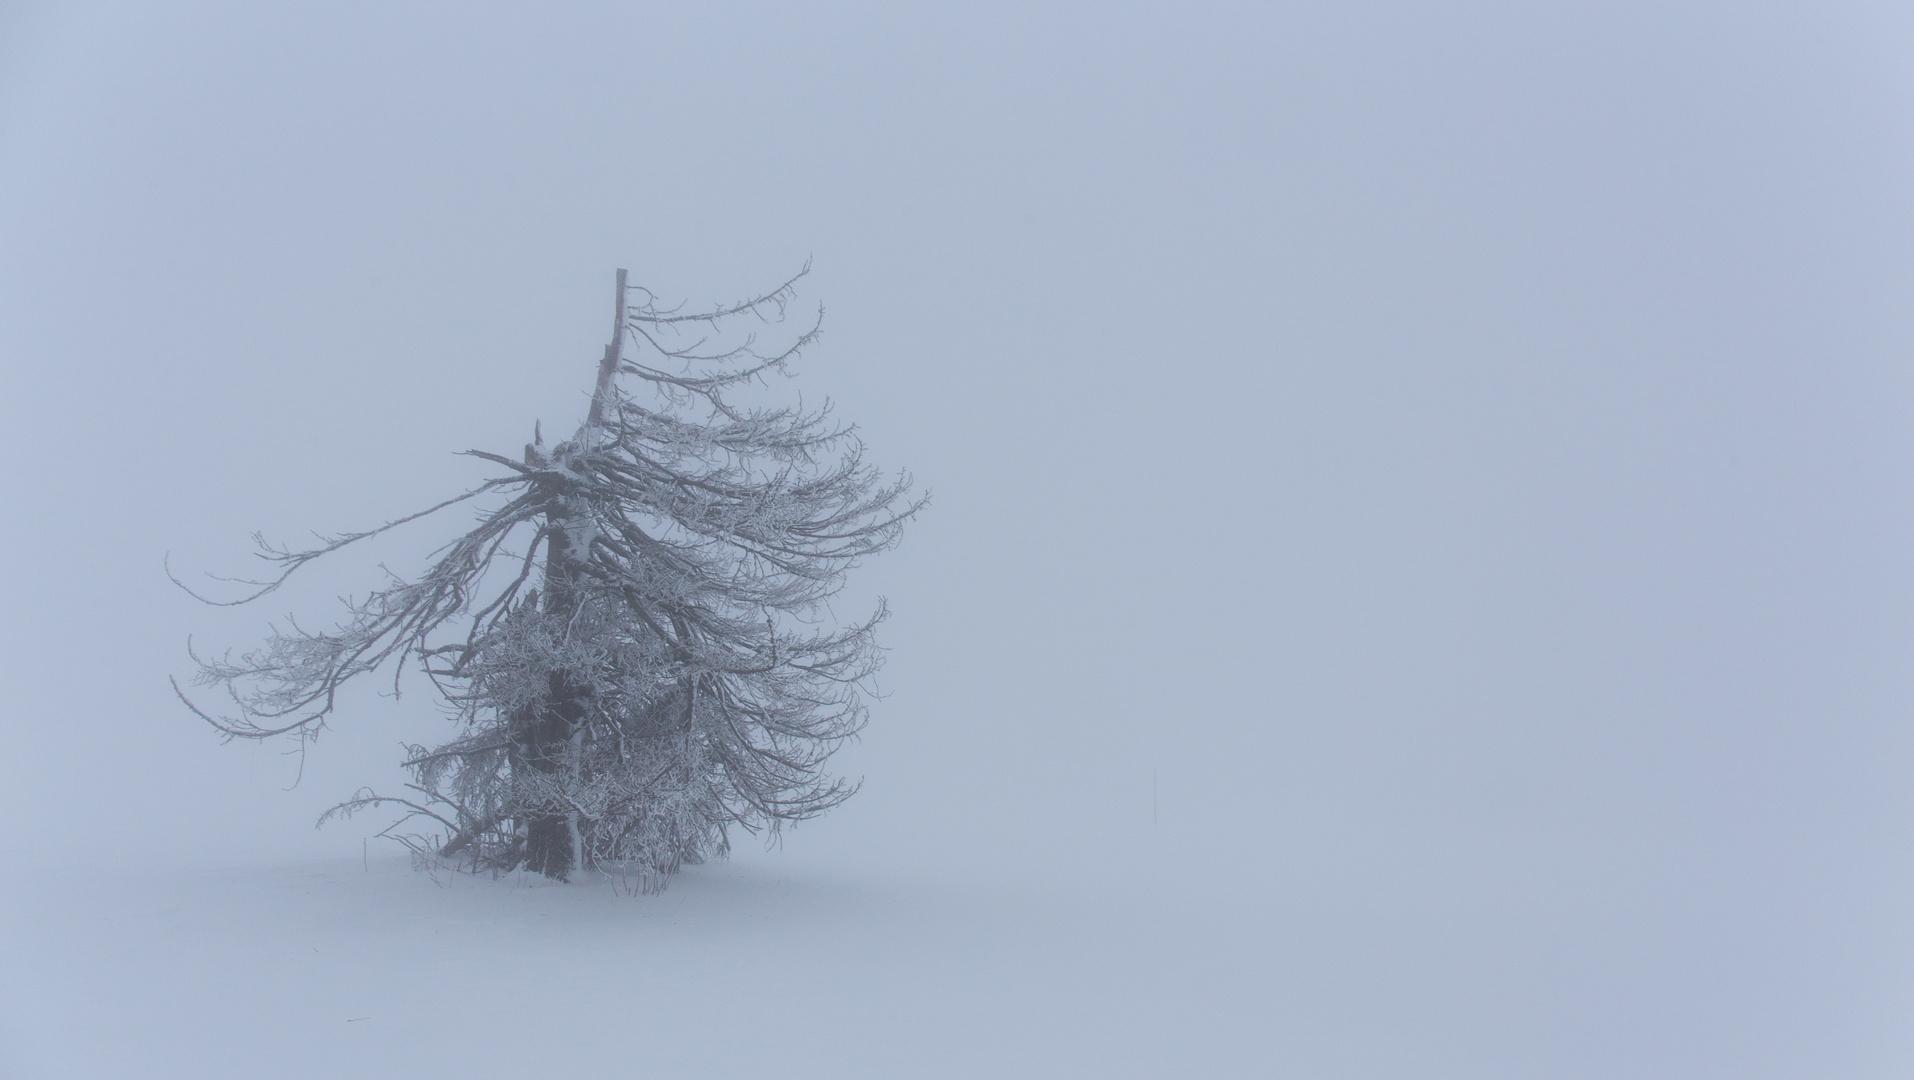 Bäume, Winter, Schnee Bilder